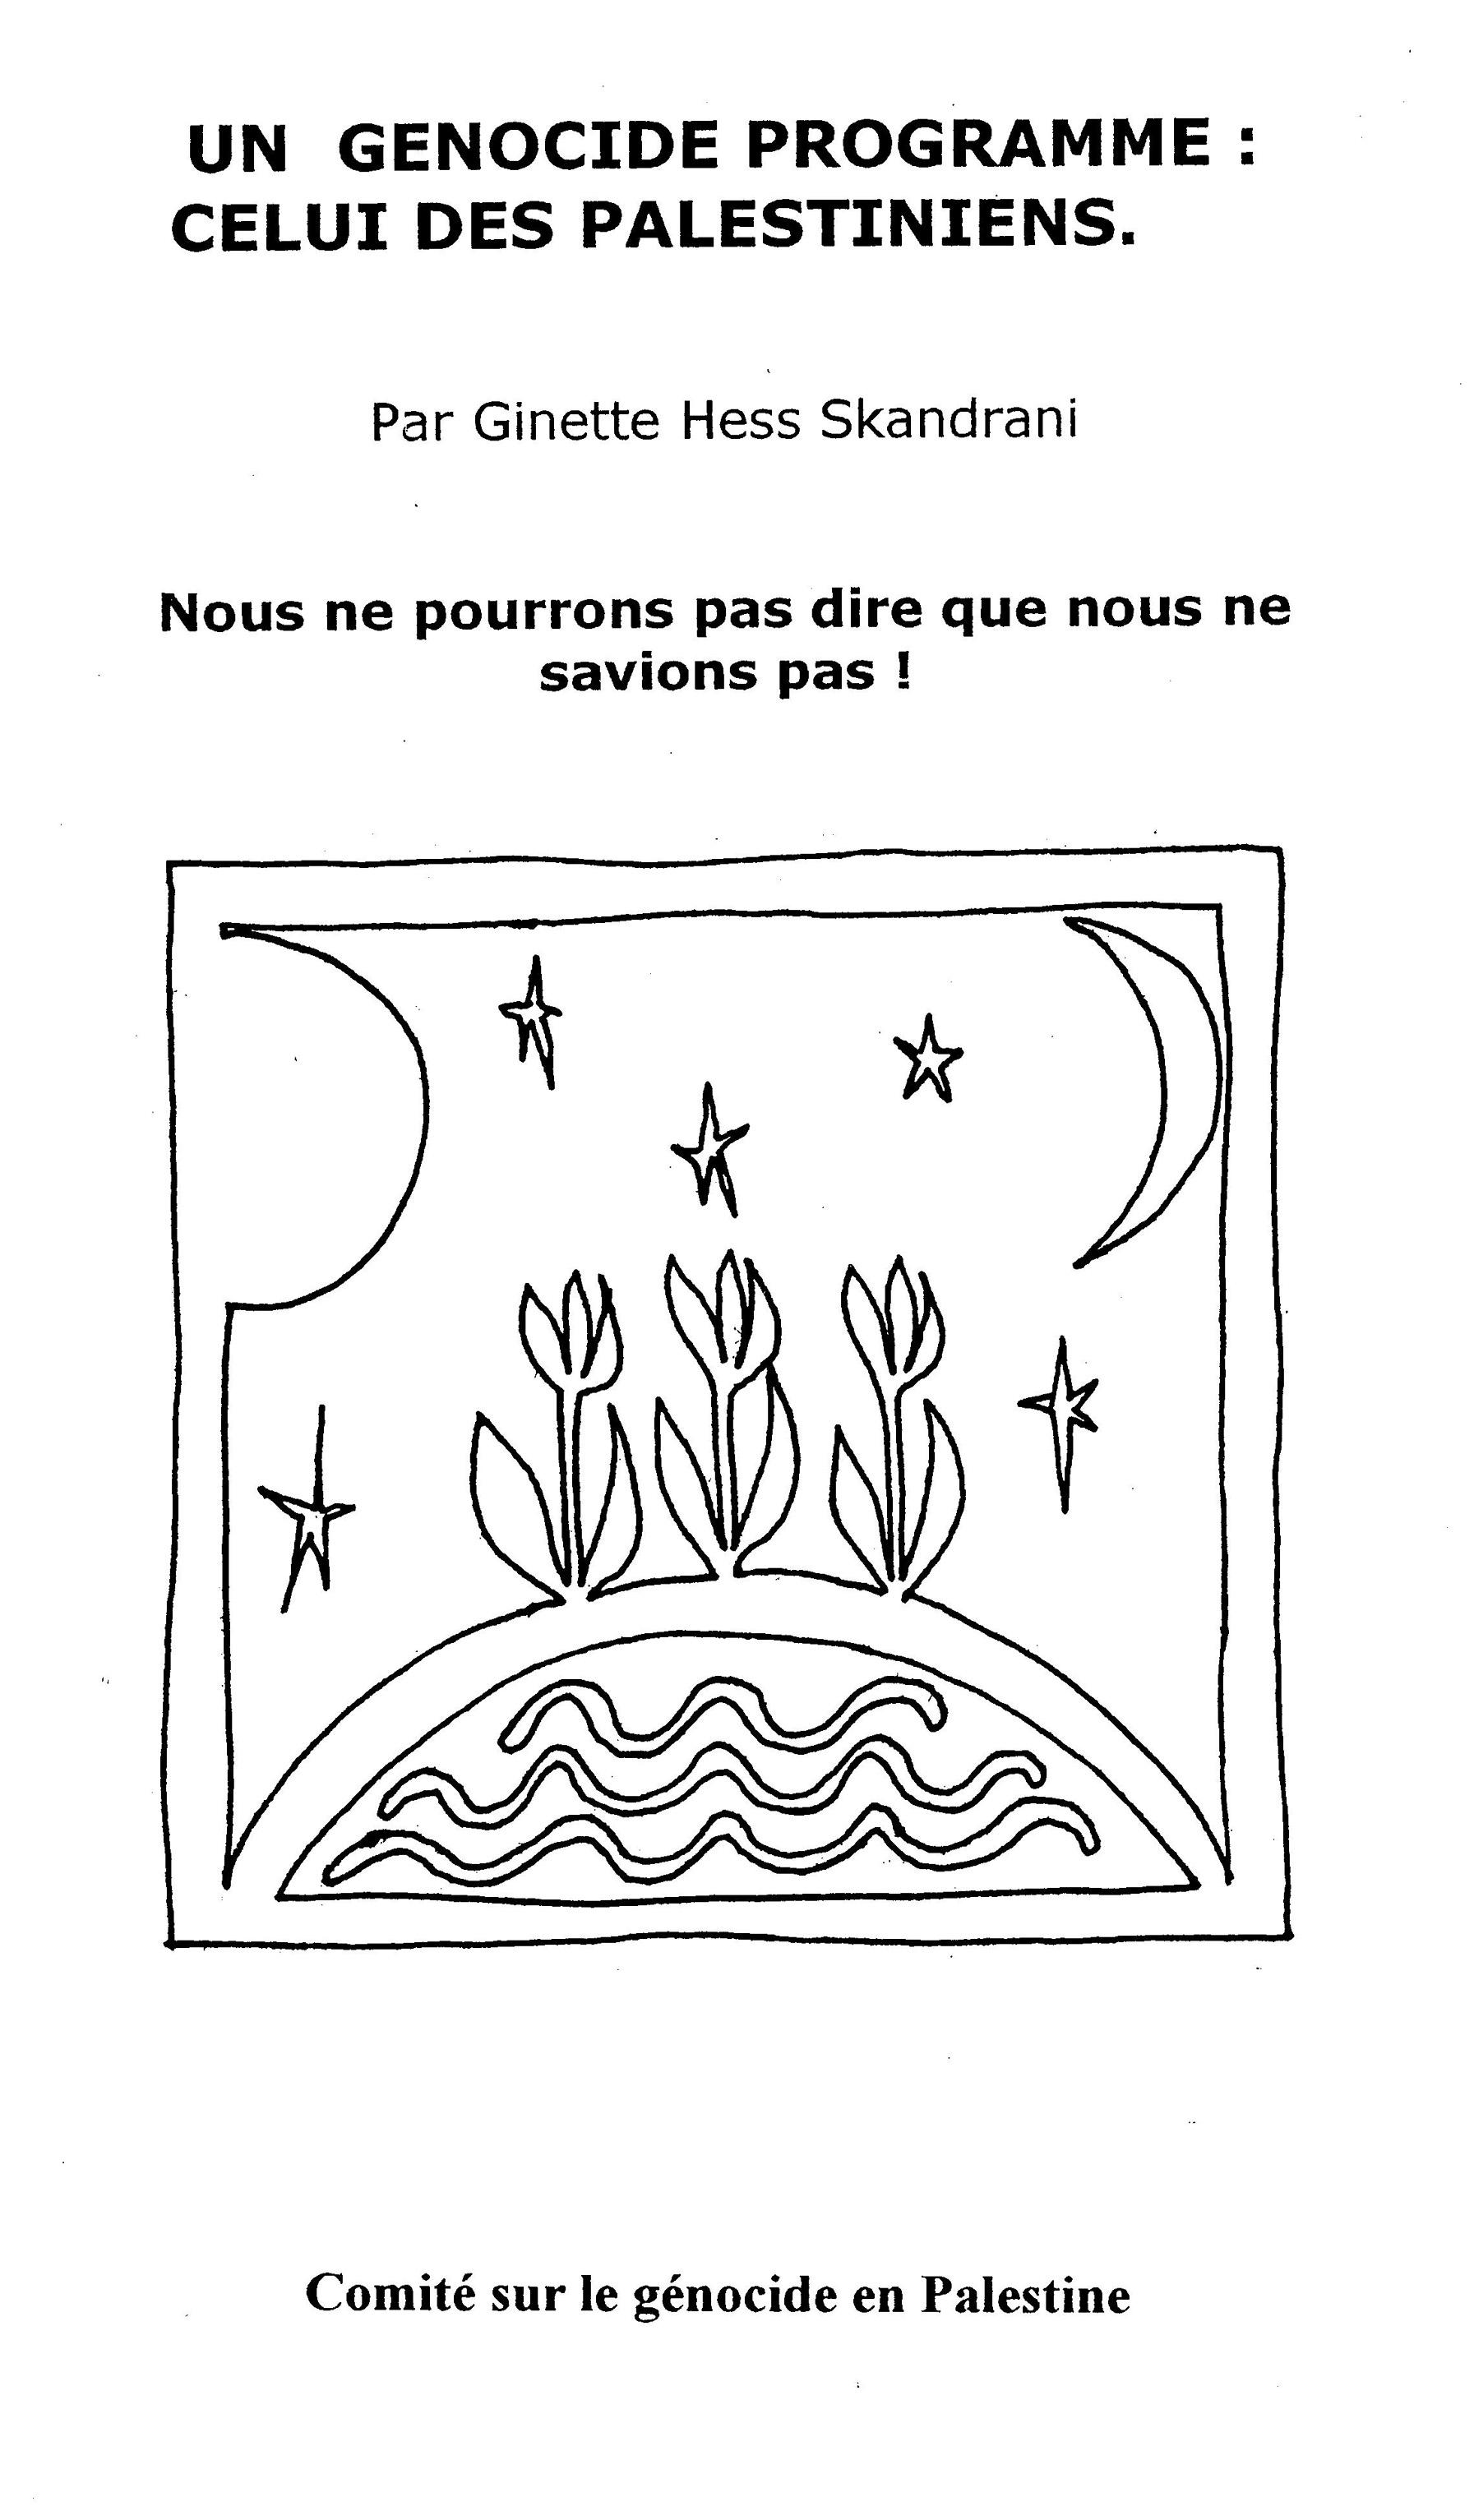 dessin-1.jpg